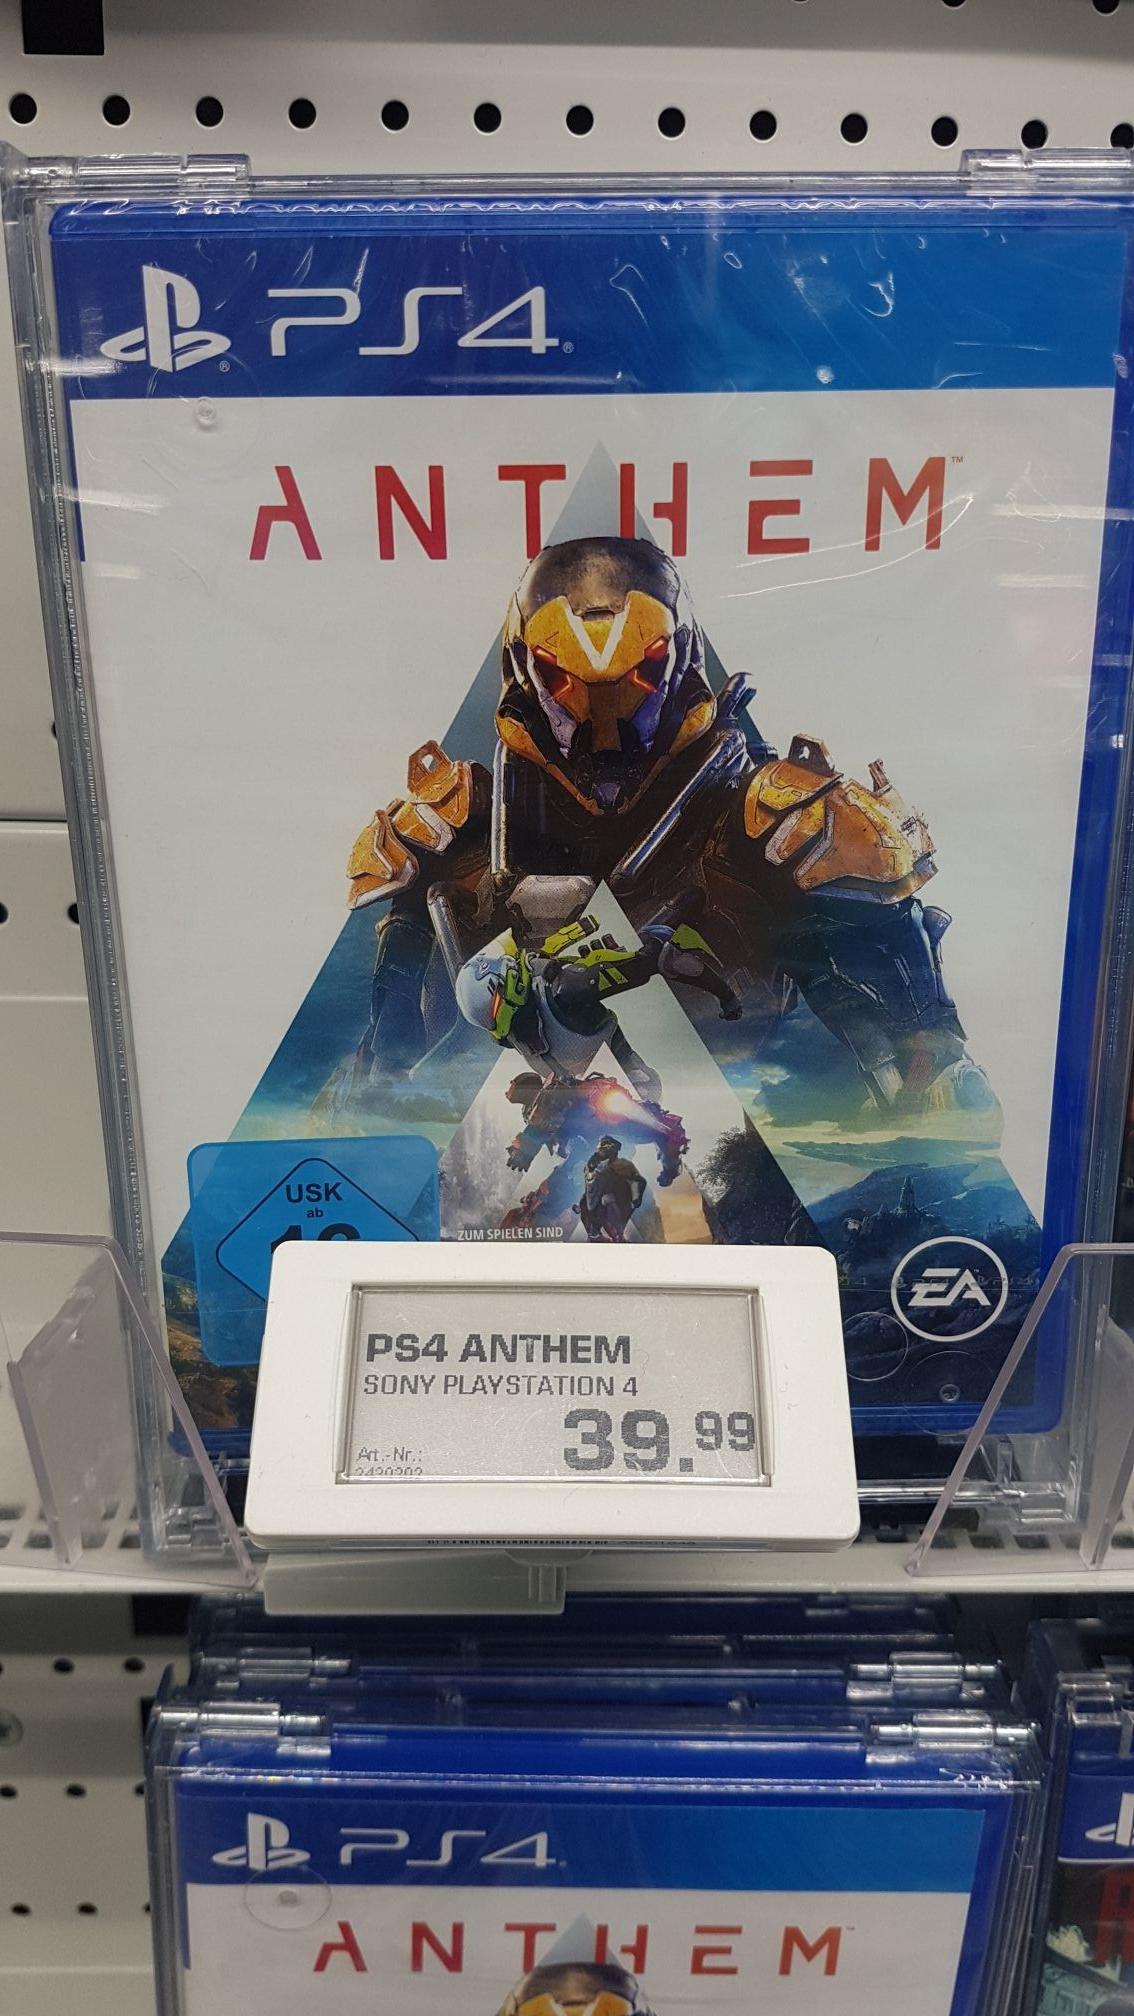 Anthem PS4/Xbox One (Lokales Angebot) Saturn Berlin Friedrichshain